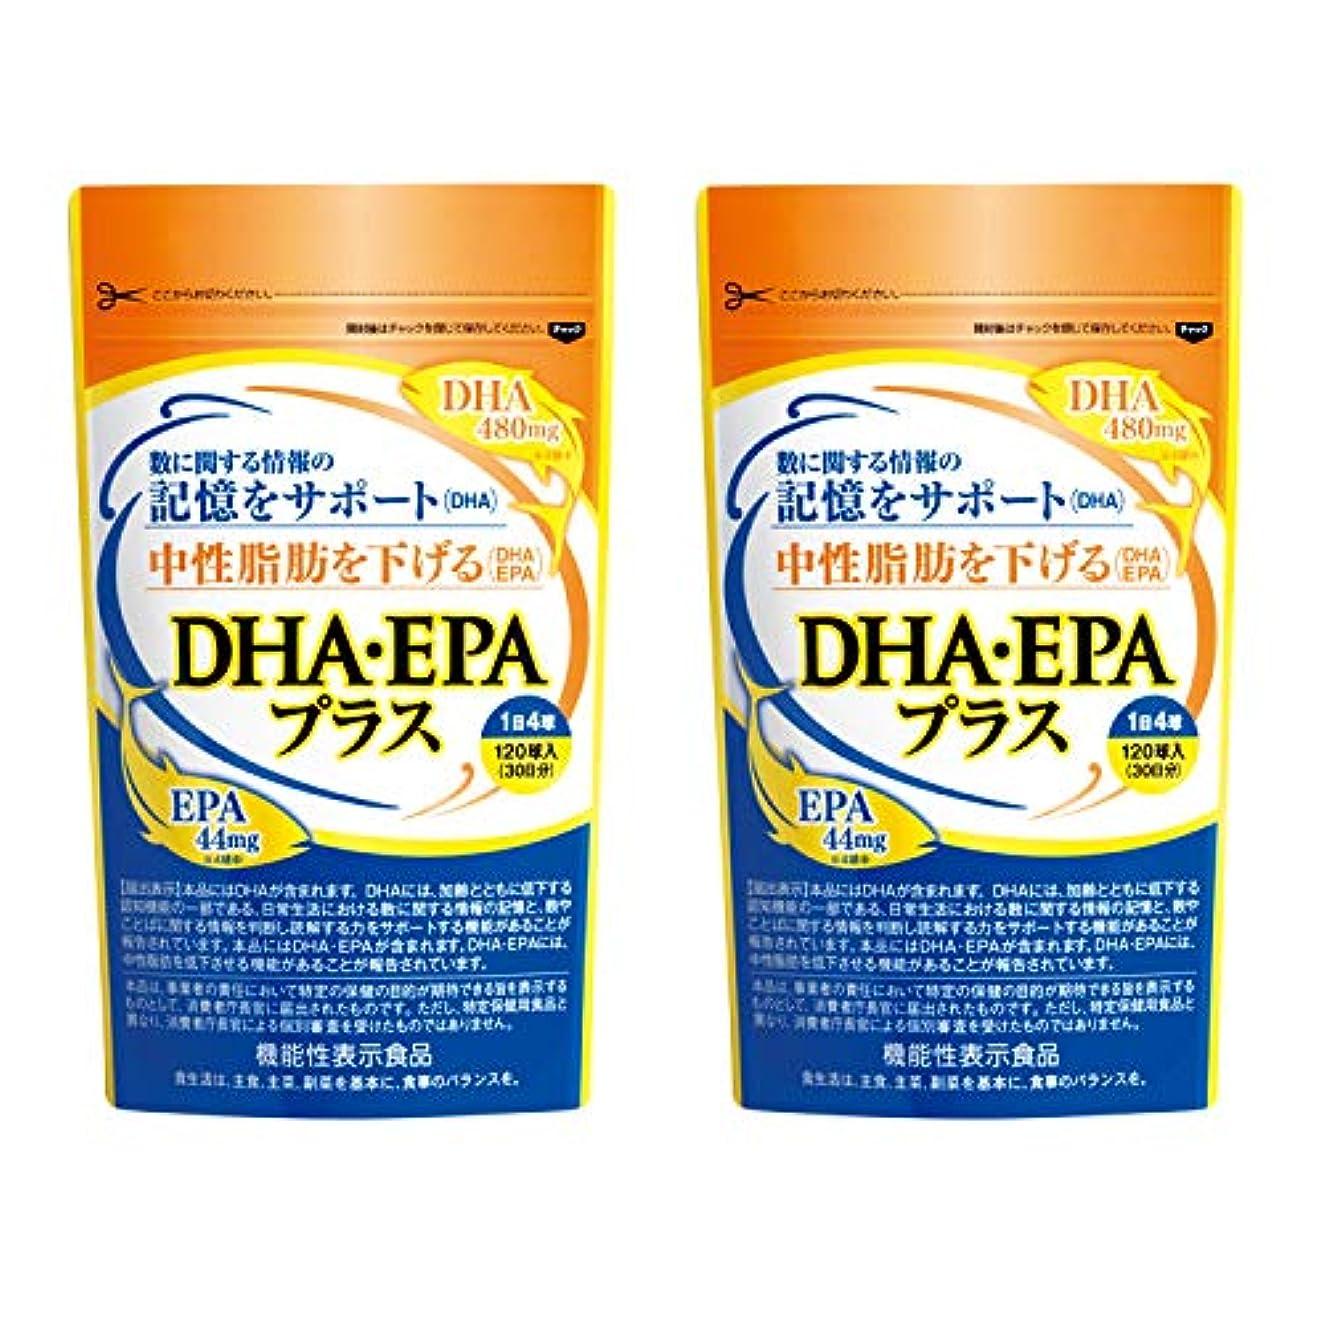 プーノ拍手する急いで【機能性表示食品】DHA?EPAプラス 2パックセット